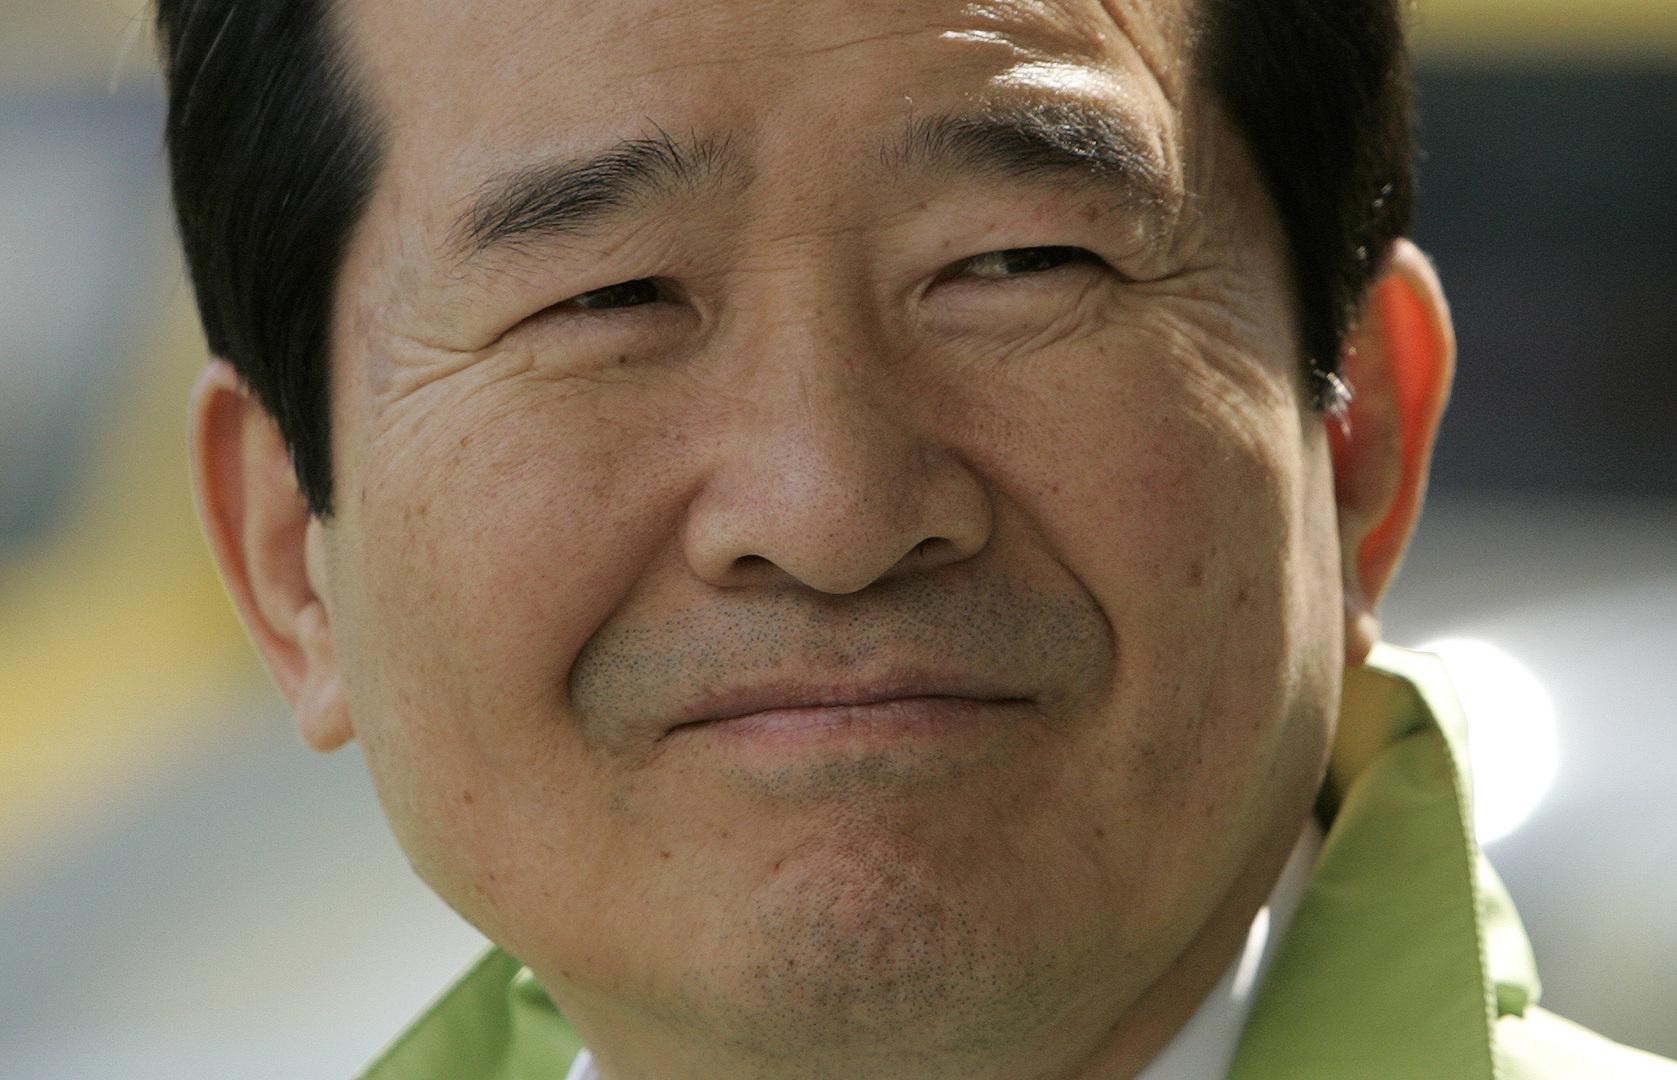 رئيس وزراء كوريا الجنوبية يدعو إلى إجراء تحقيق في وفيات مرتبطة بلقاح الإنفلونزا